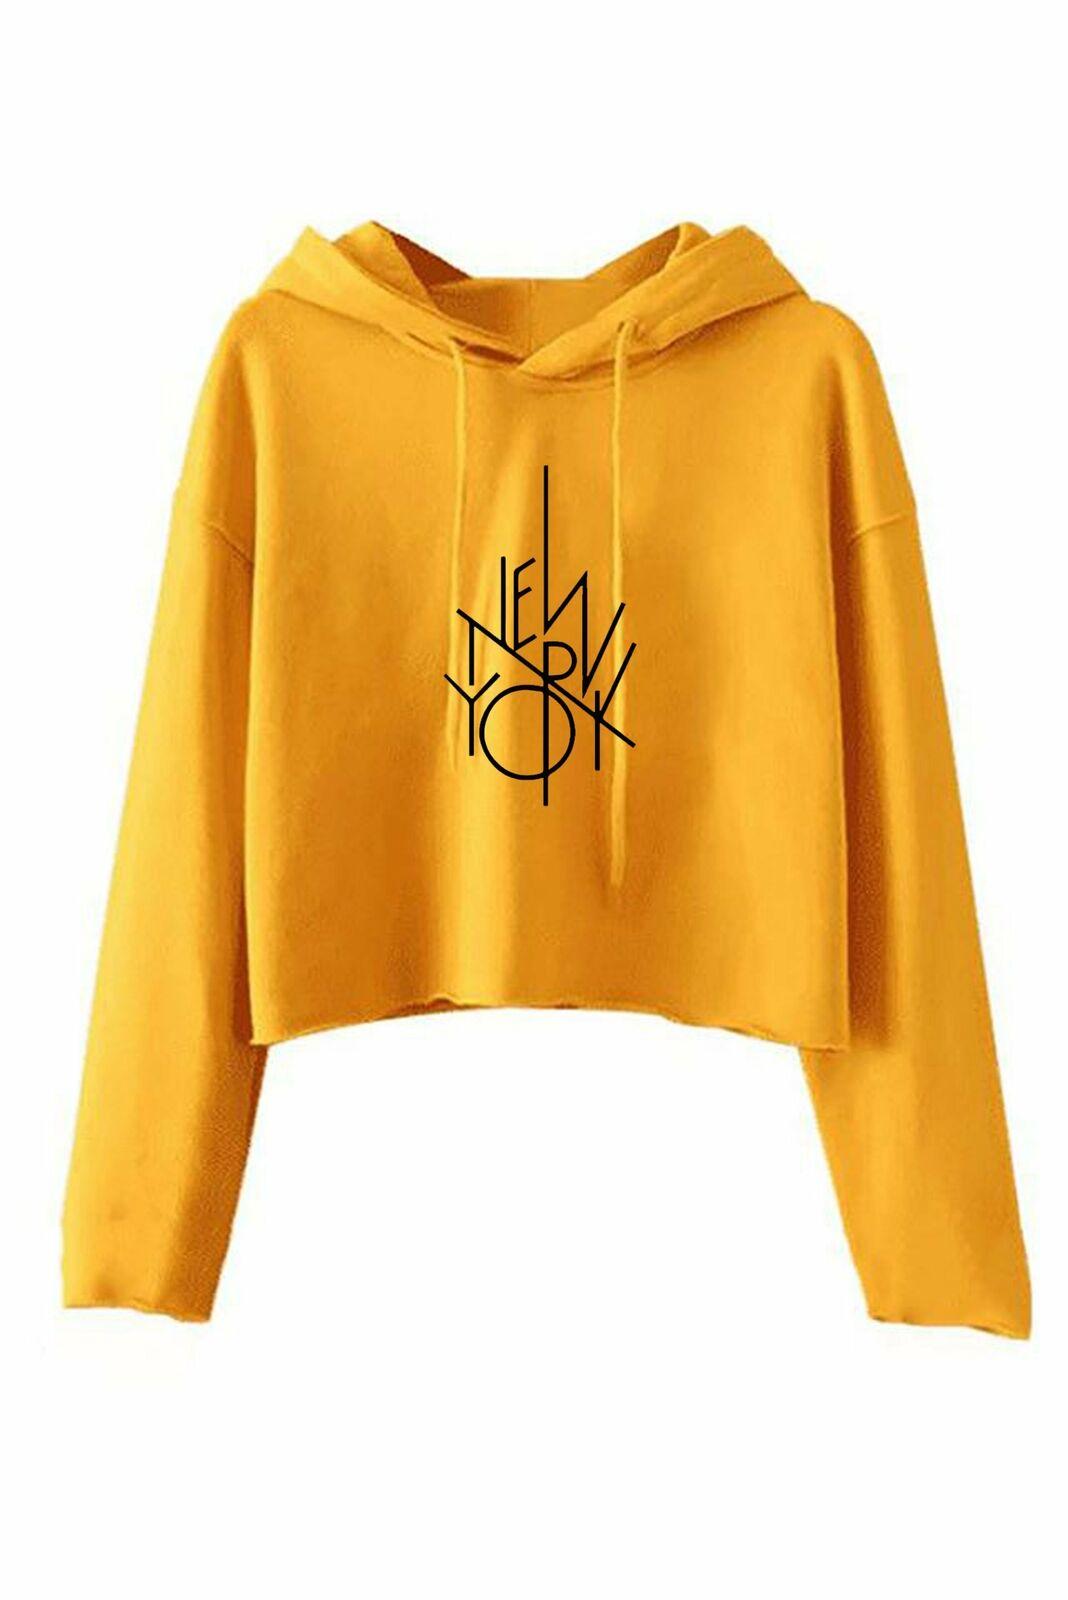 NYC Custom Printed Long Sleeve Ladies Hoodie